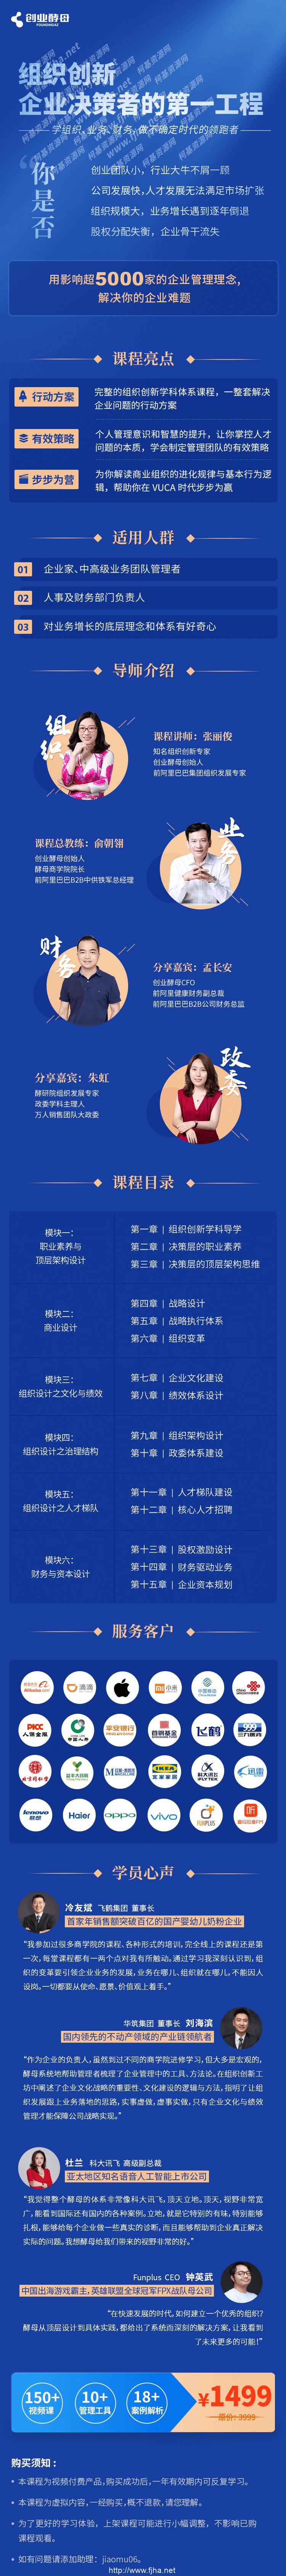 张丽俊2020组织创新·企业策决者的一第工程